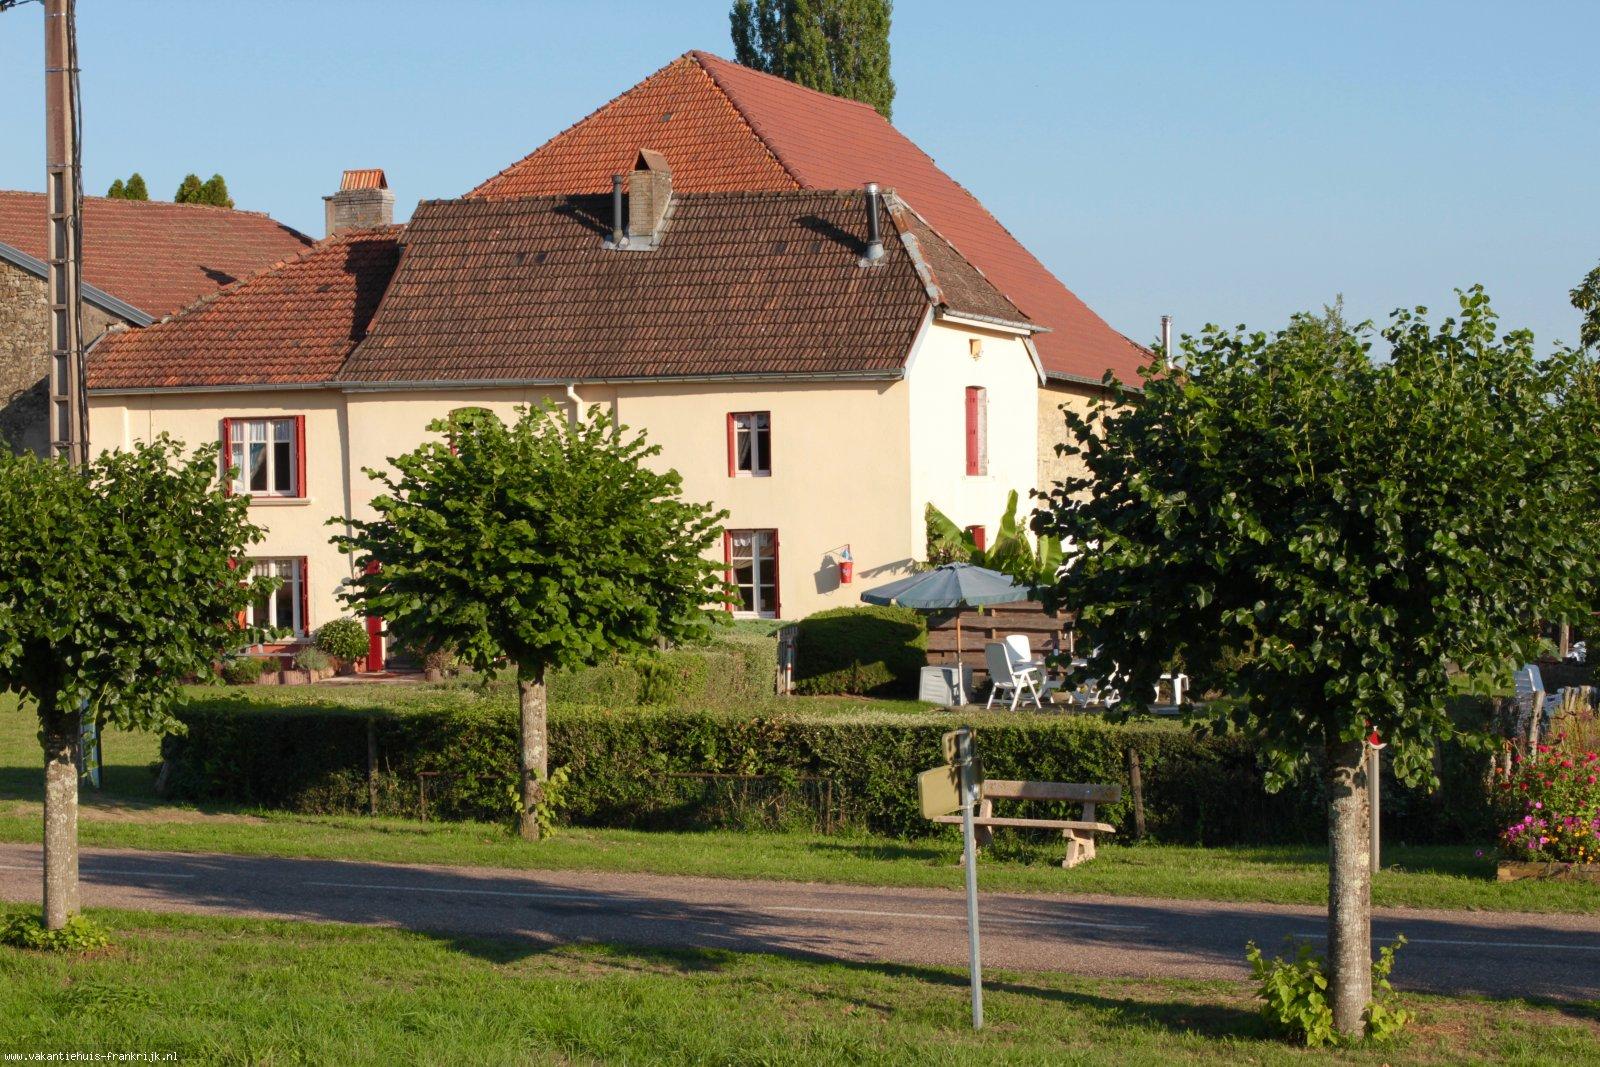 Vakantiehuis: Gite La-Chouette is gelegen tussen de zuidelijke Vogezen en de uitlopers van de Jura en heeft accommodatie voor 5 personen. Huisdieren toegestaan. te huur voor uw vakantie in Haute Saone (Frankrijk)